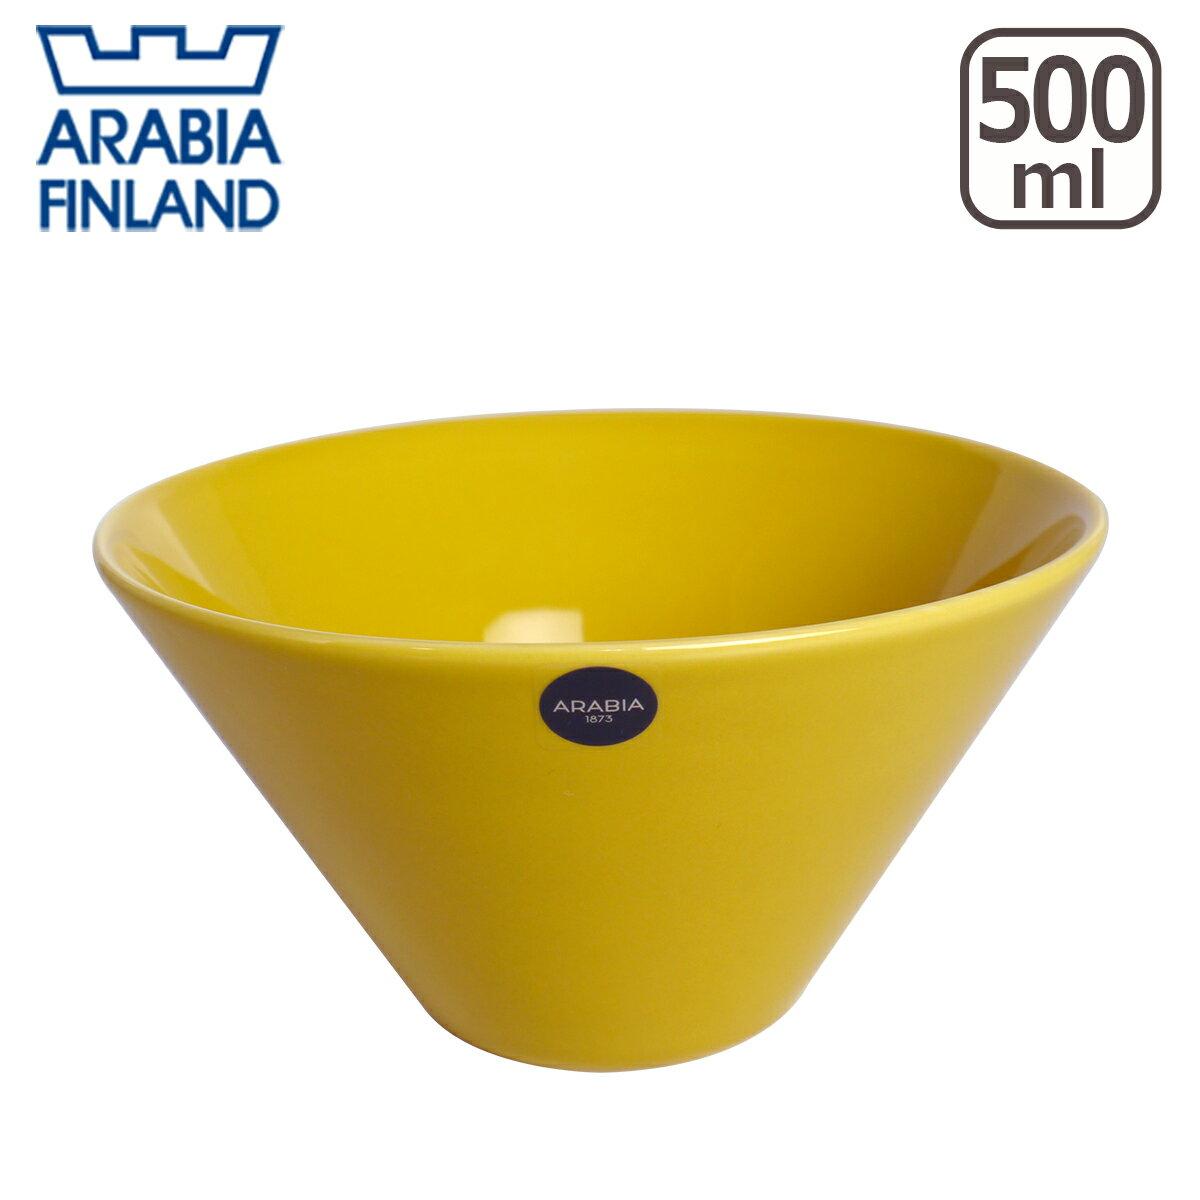 アラビア(Arabia) ココ(koko) ボウル 500ml サフラン 北欧 食器 ギフト・のし可 GF3